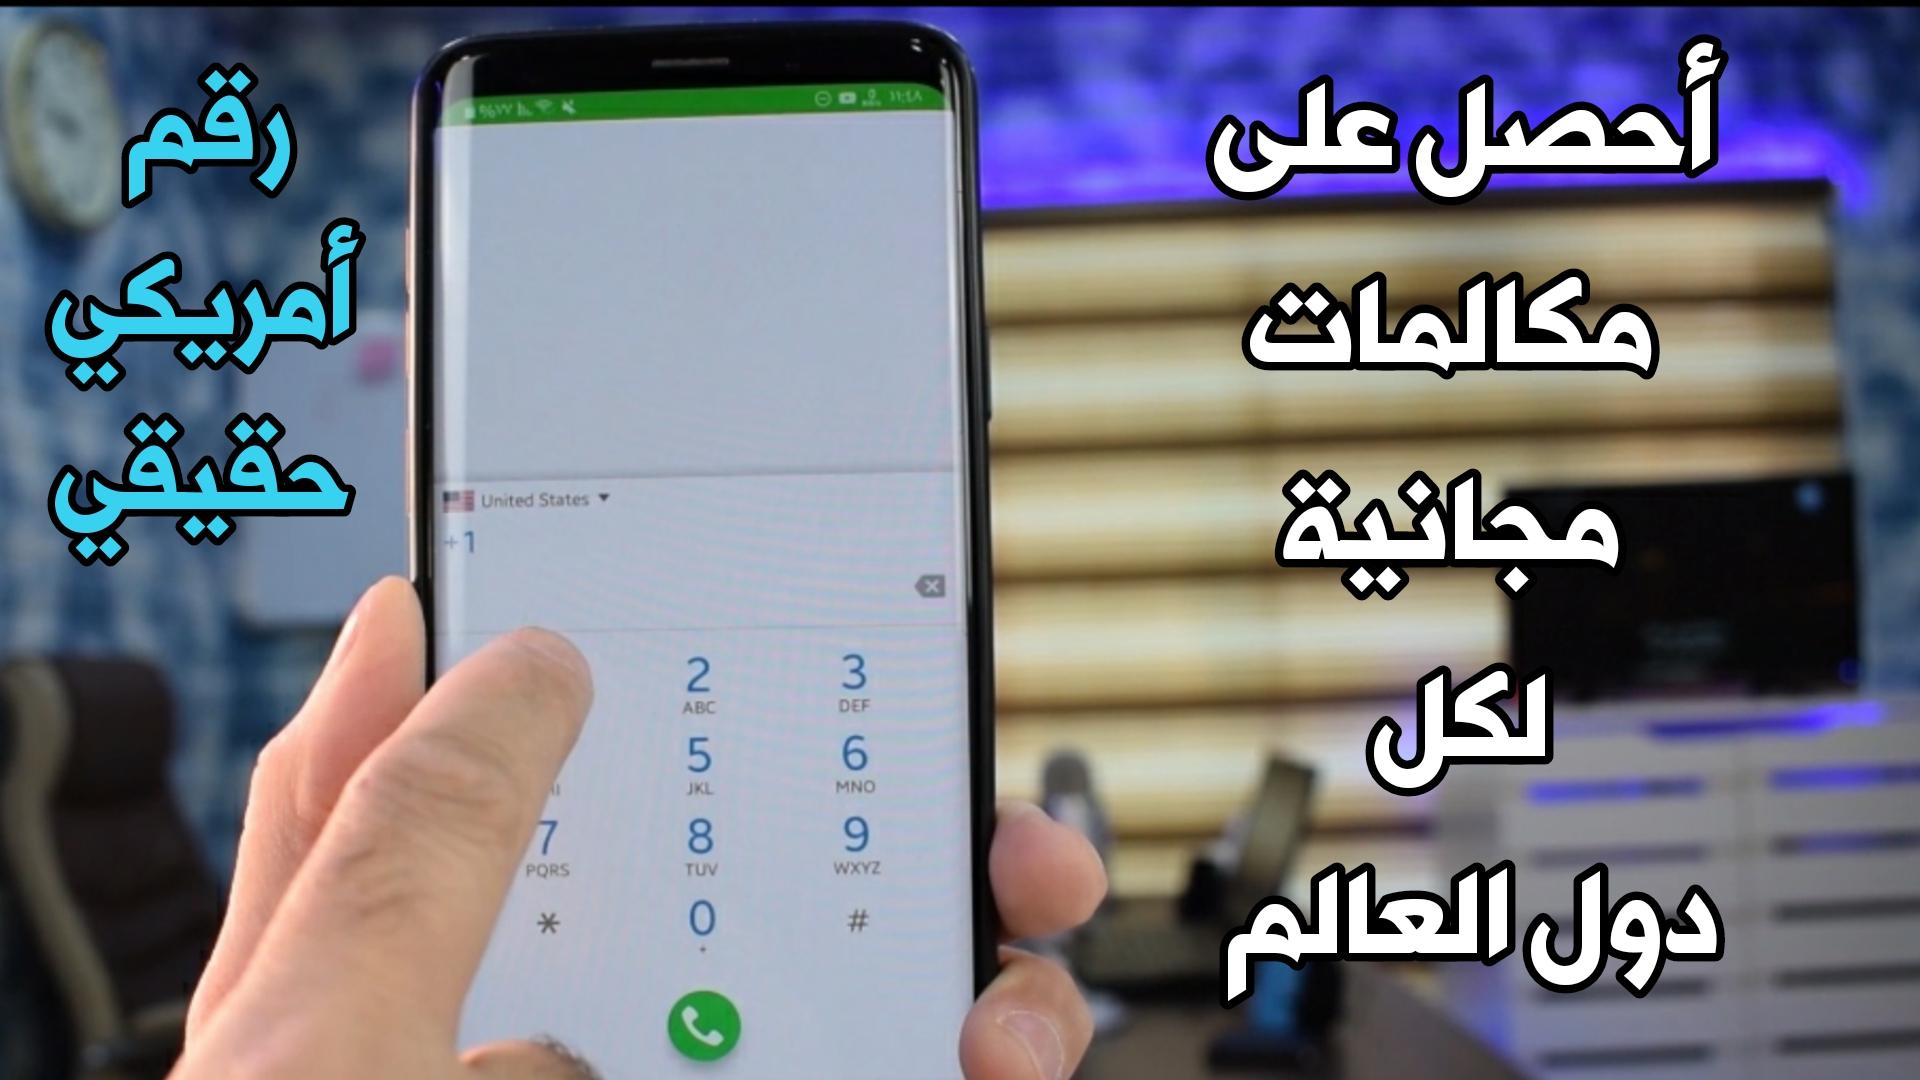 أحصل على مكالمات مجانية بأي رقم هاتفي محمول أو أرضي وبكل دول العالم